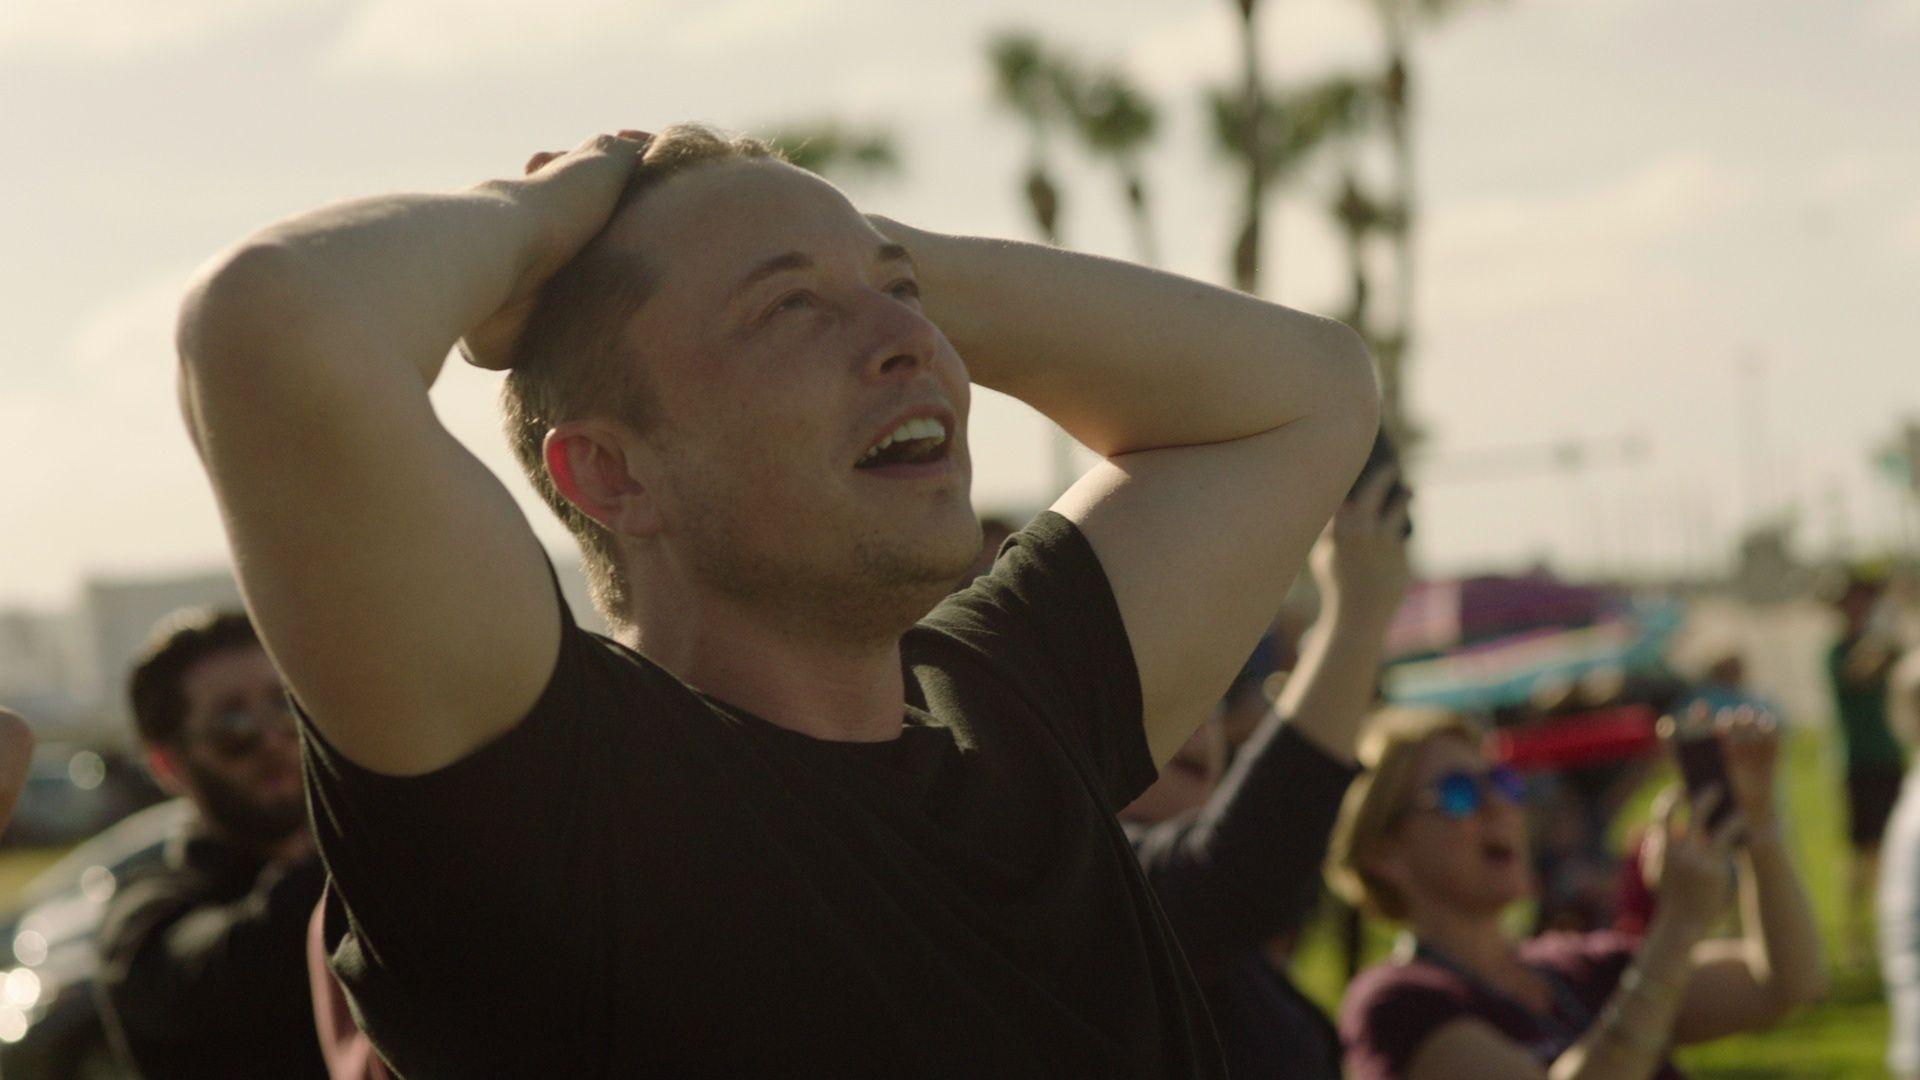 Dans les coulisses du lancement de la Falcon Heavy